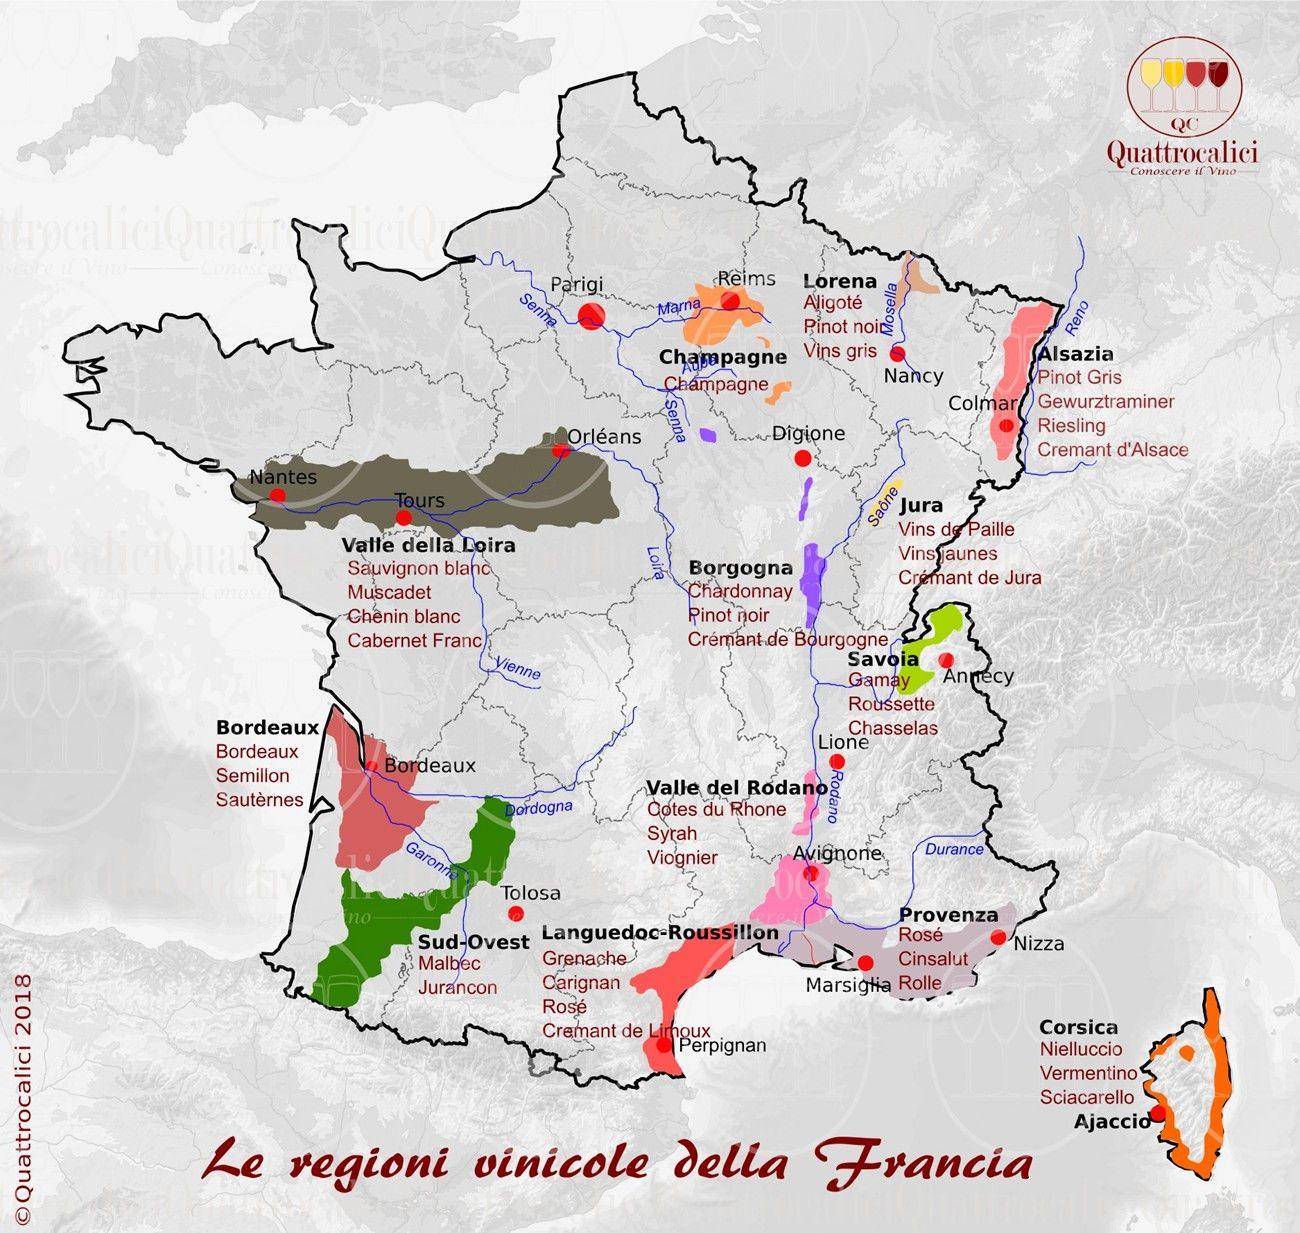 Cartina Vini Francia.La Francia E Il Vino I Vini Francesi Nel Dettaglio Nel 2020